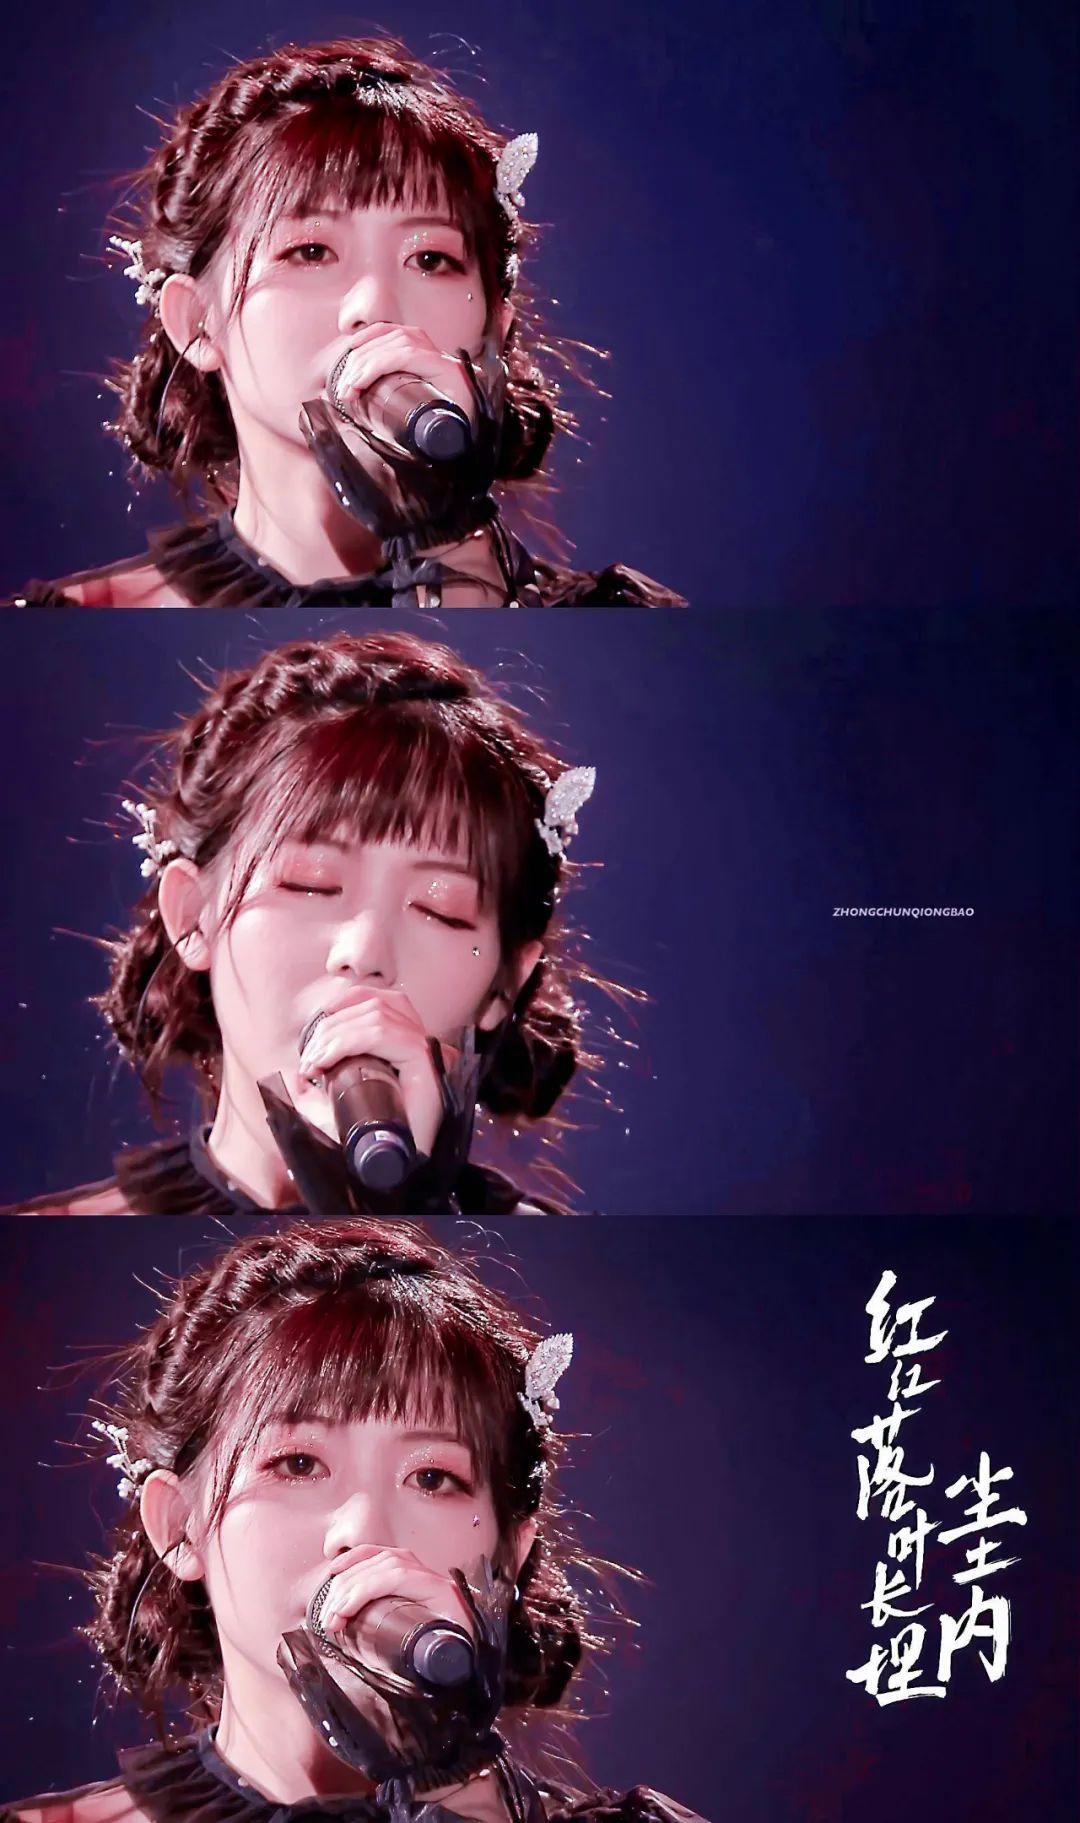 妹子写真 – 女王范的刘亦菲和傻白甜的赖美云,你更喜欢哪一位?_图片 No.14